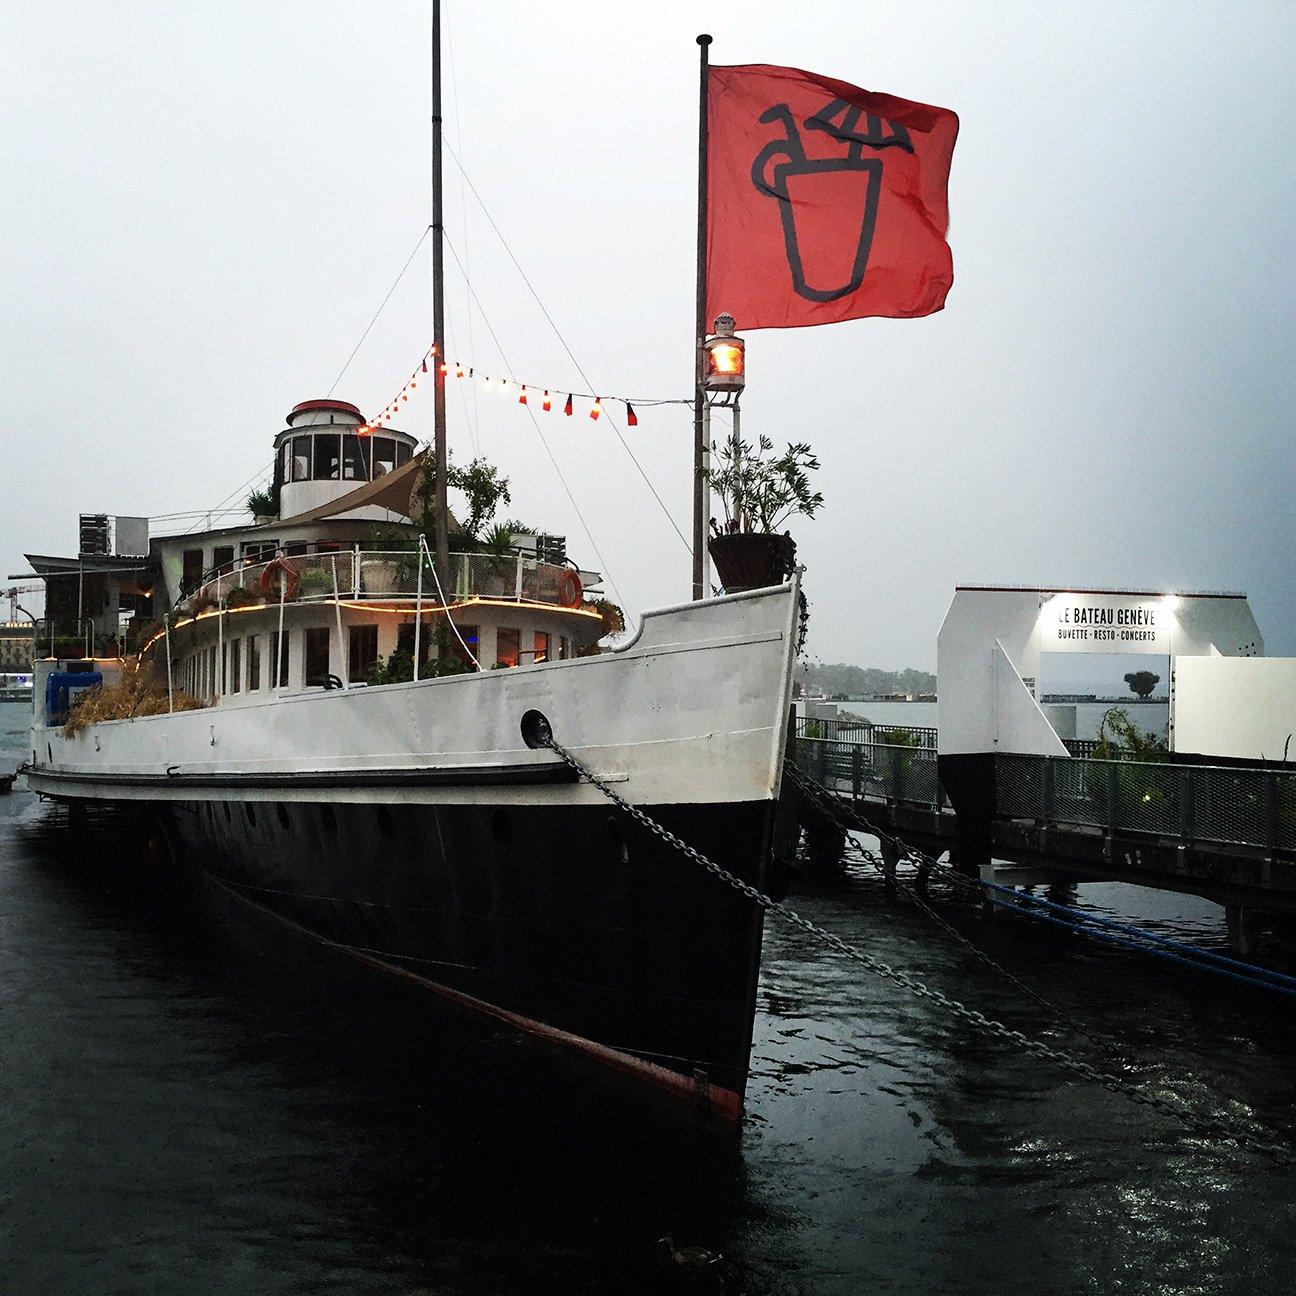 fabien-cuffel-bateau-geneve_signaletique